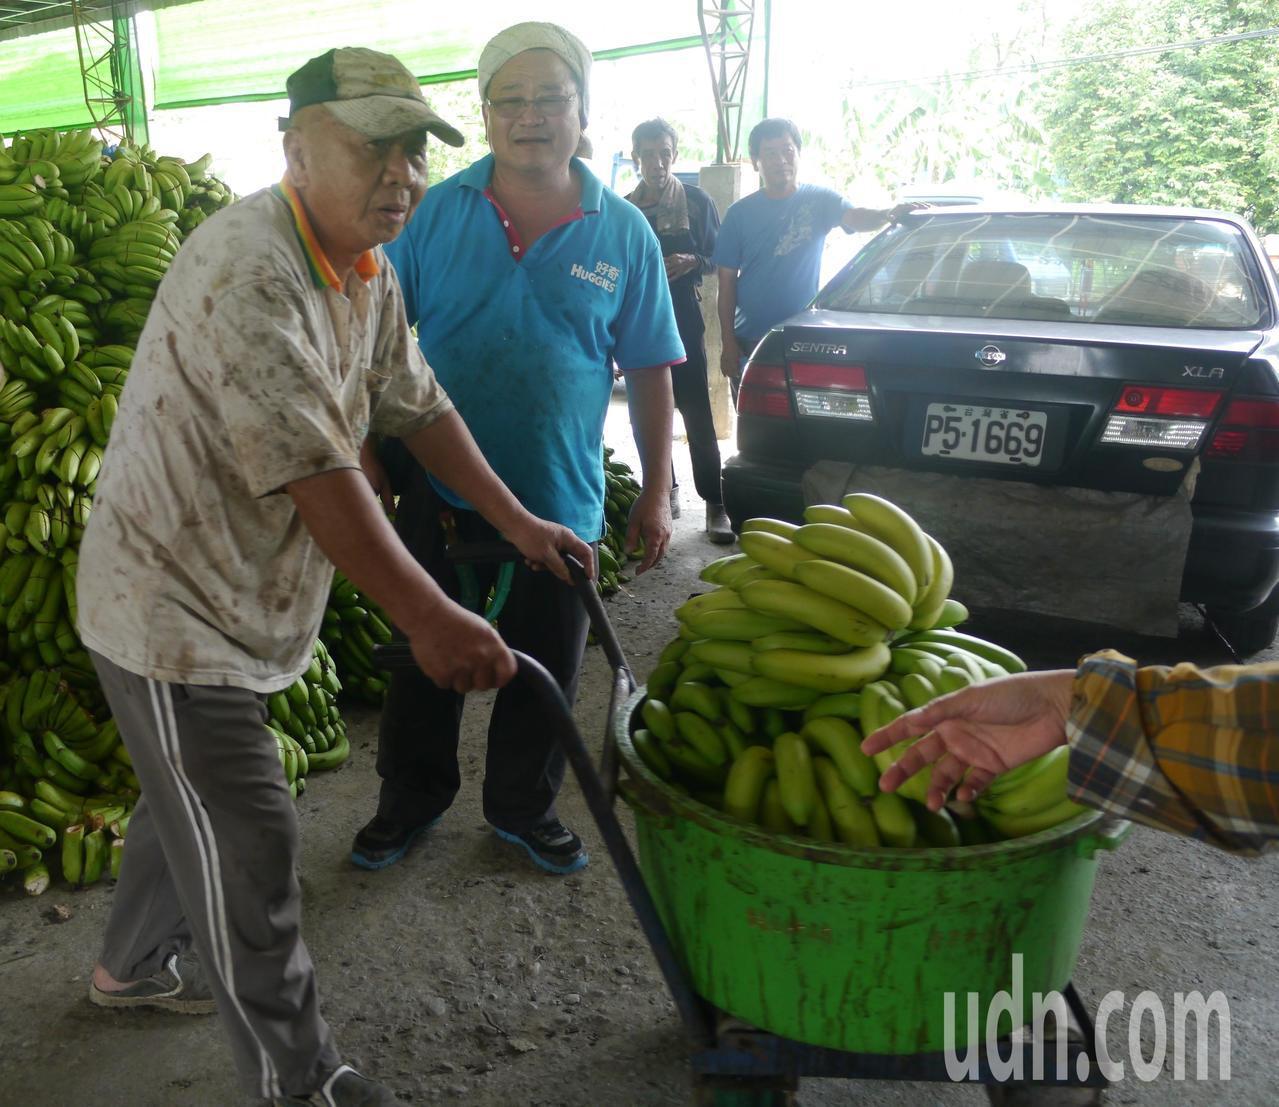 在「香蕉乳」作用下,旗山蕉農身上的汗衫通常都會出現許多重疊污漬,非一朝一夕可形成...